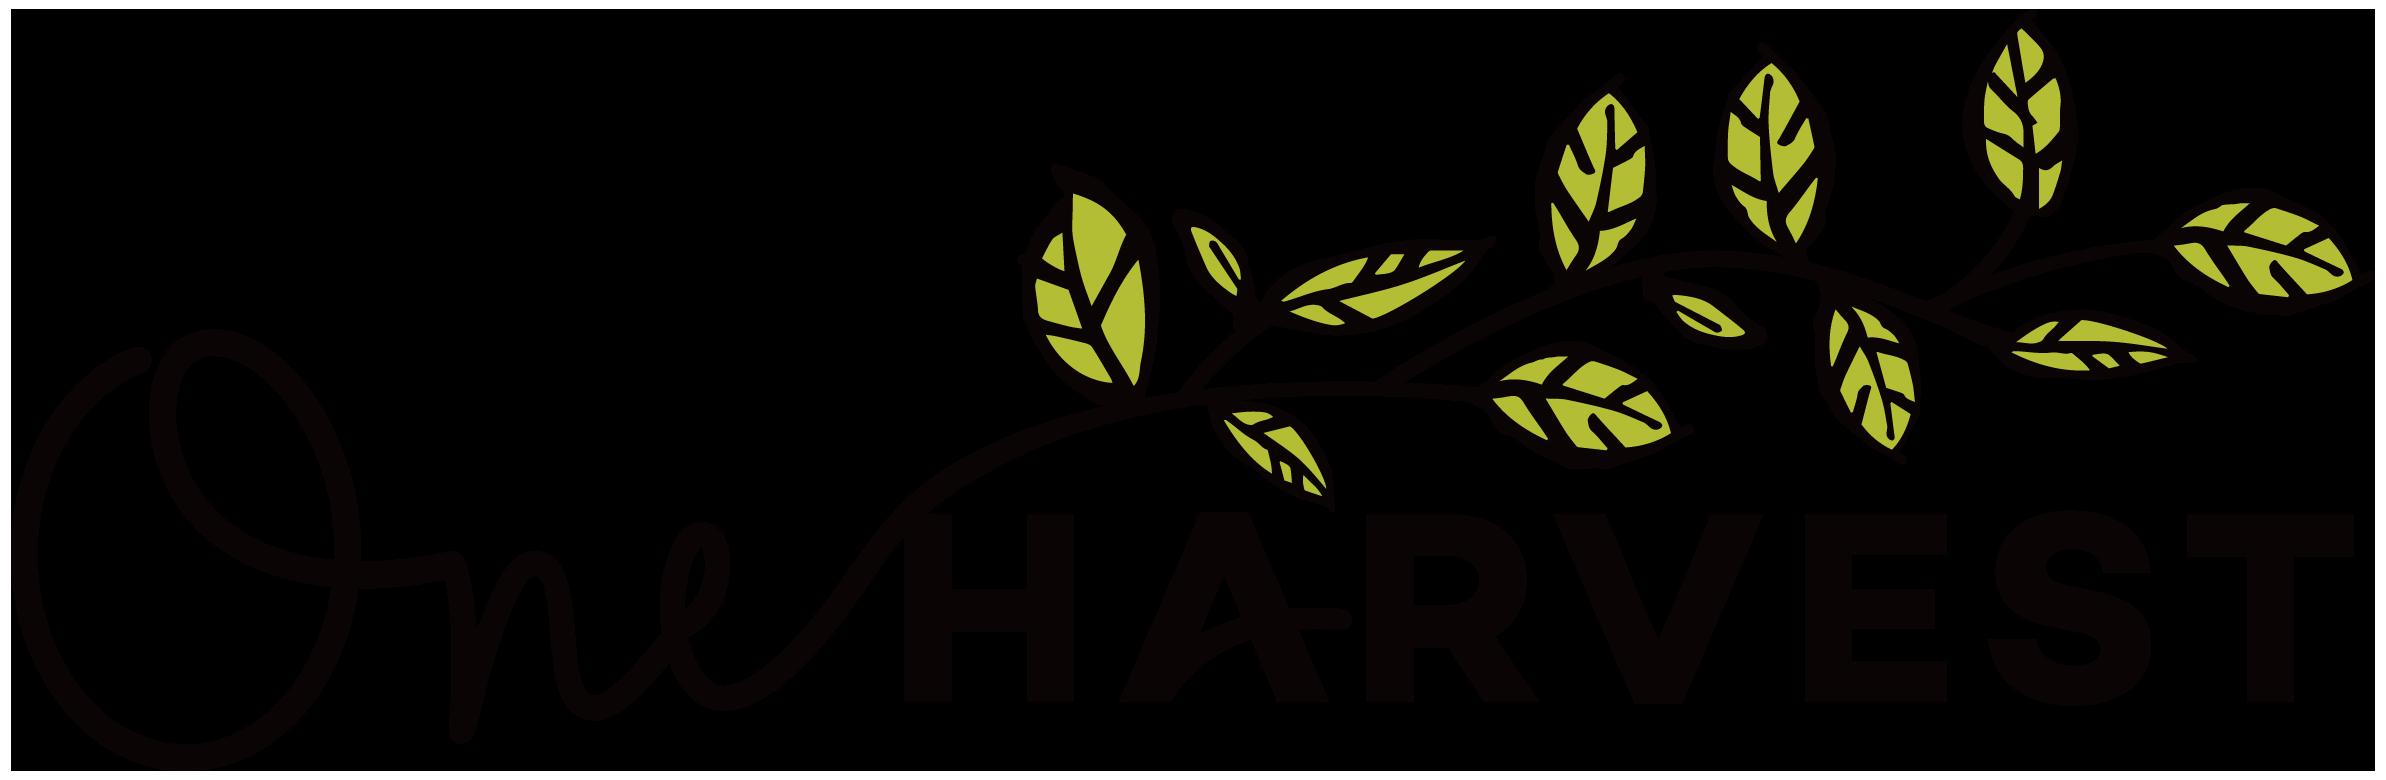 One Harvest